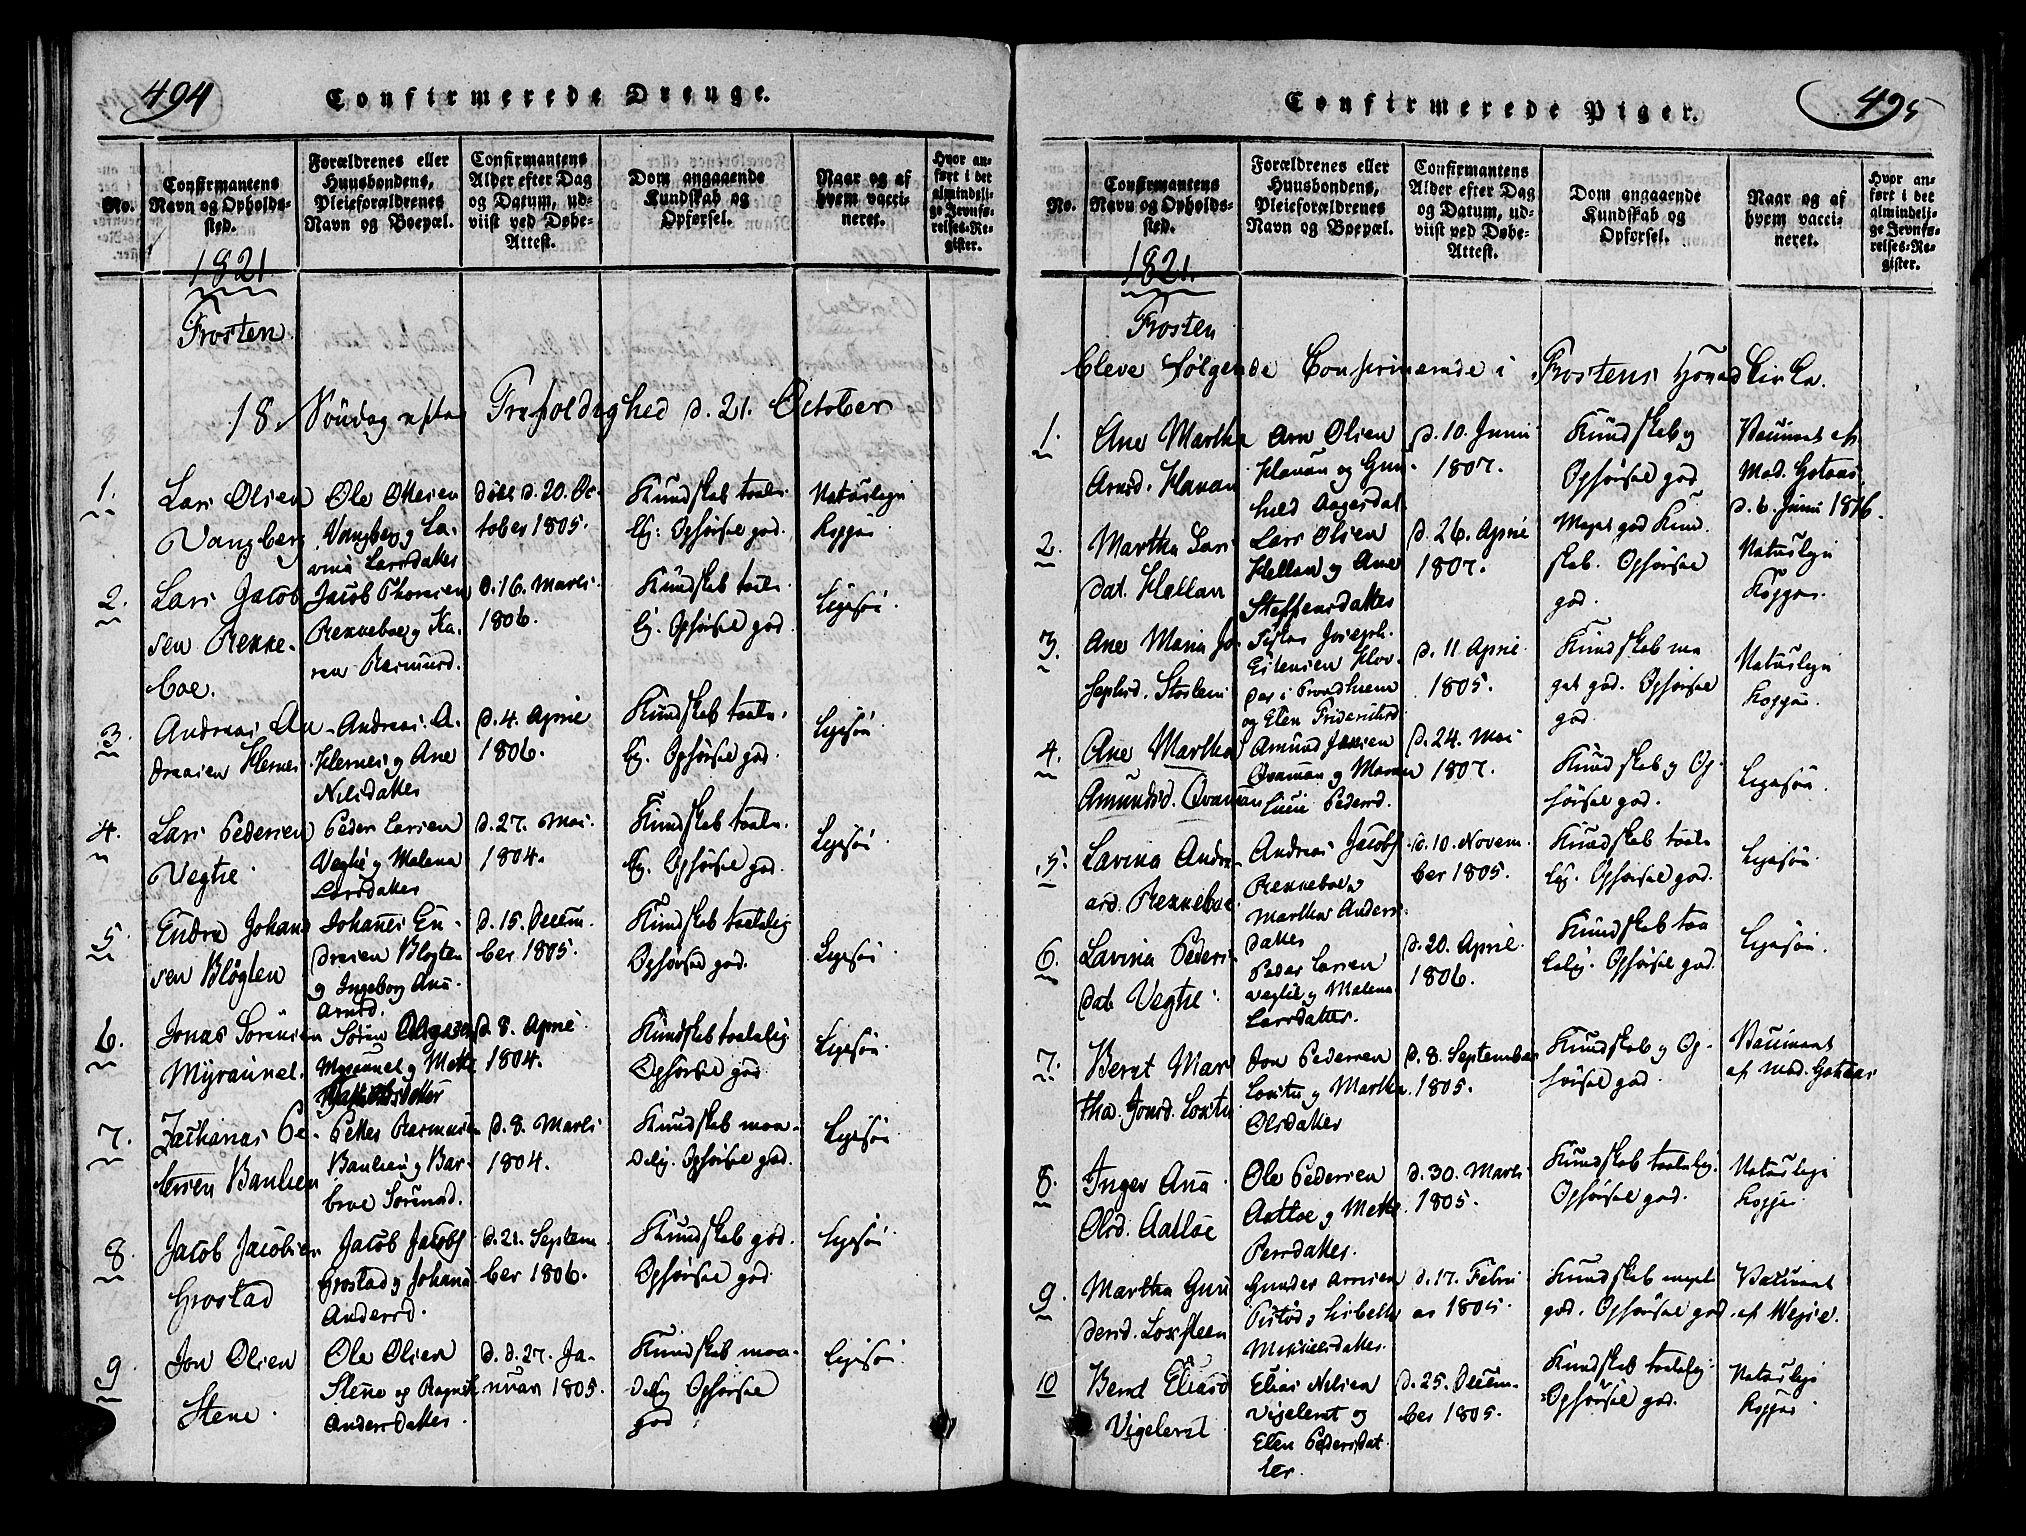 SAT, Ministerialprotokoller, klokkerbøker og fødselsregistre - Nord-Trøndelag, 713/L0112: Ministerialbok nr. 713A04 /1, 1817-1827, s. 494-495